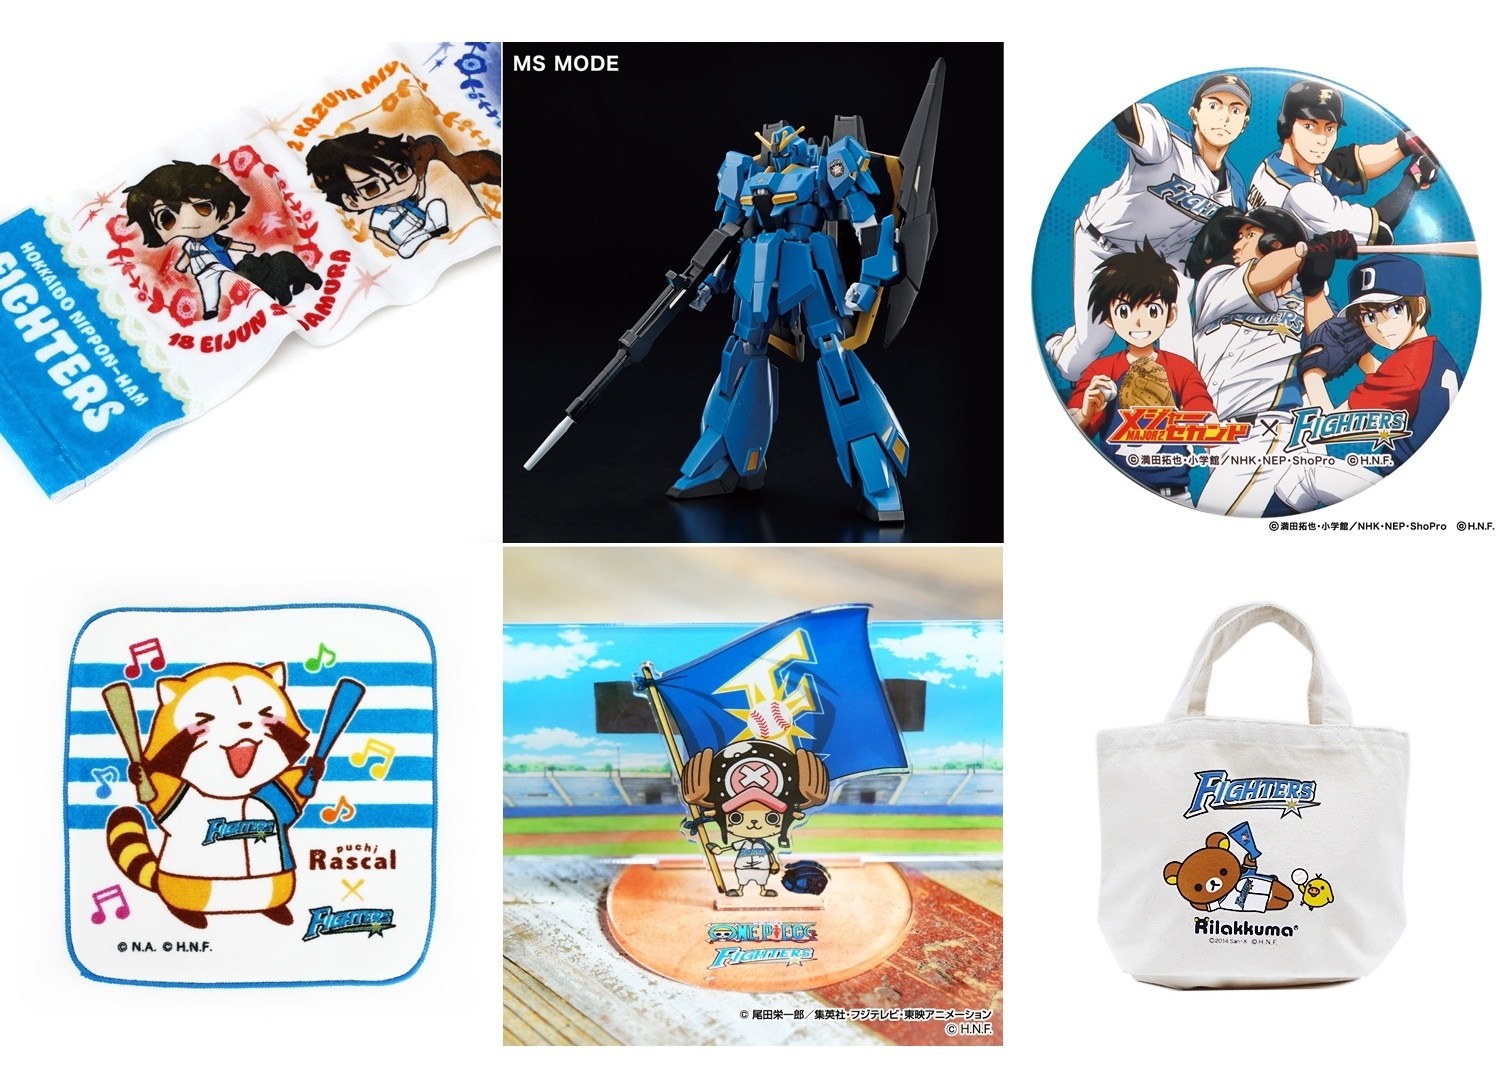 人気アニメとプロ野球チームのコラボグッズがアニメイト通販にて販売中